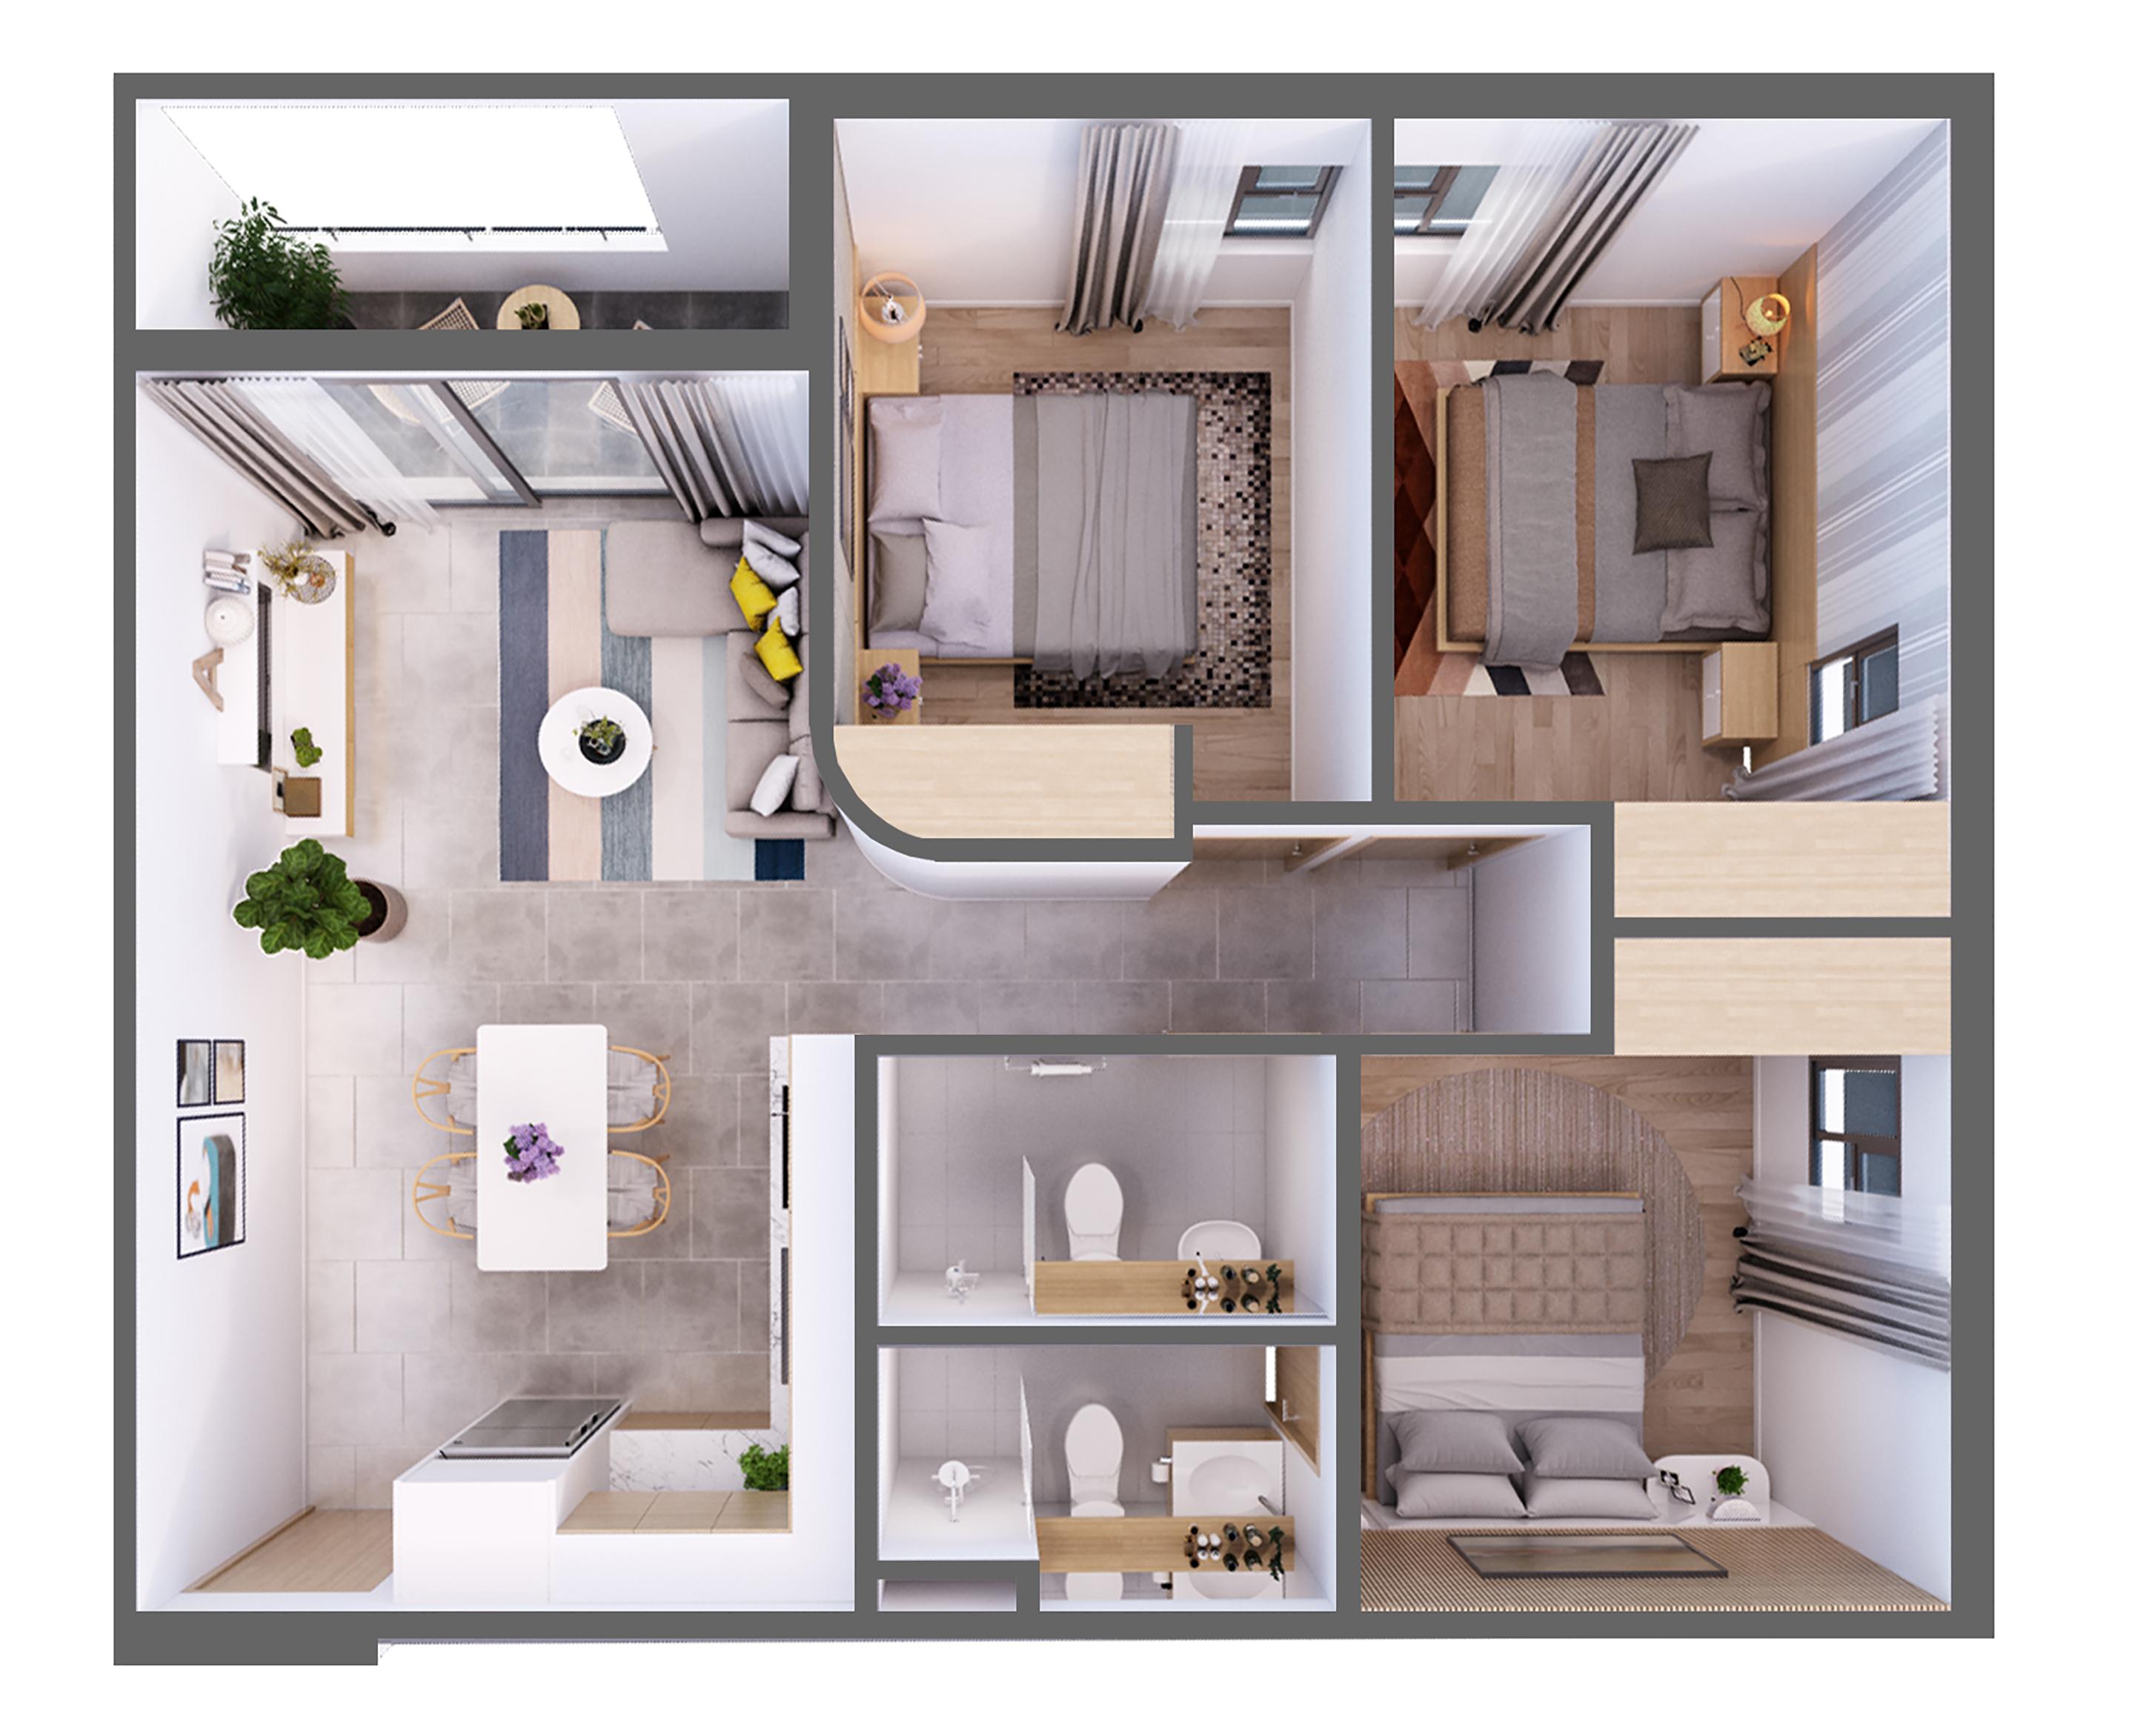 căn hộ Aurora Residences Loại C,3 Phòng Ngủ